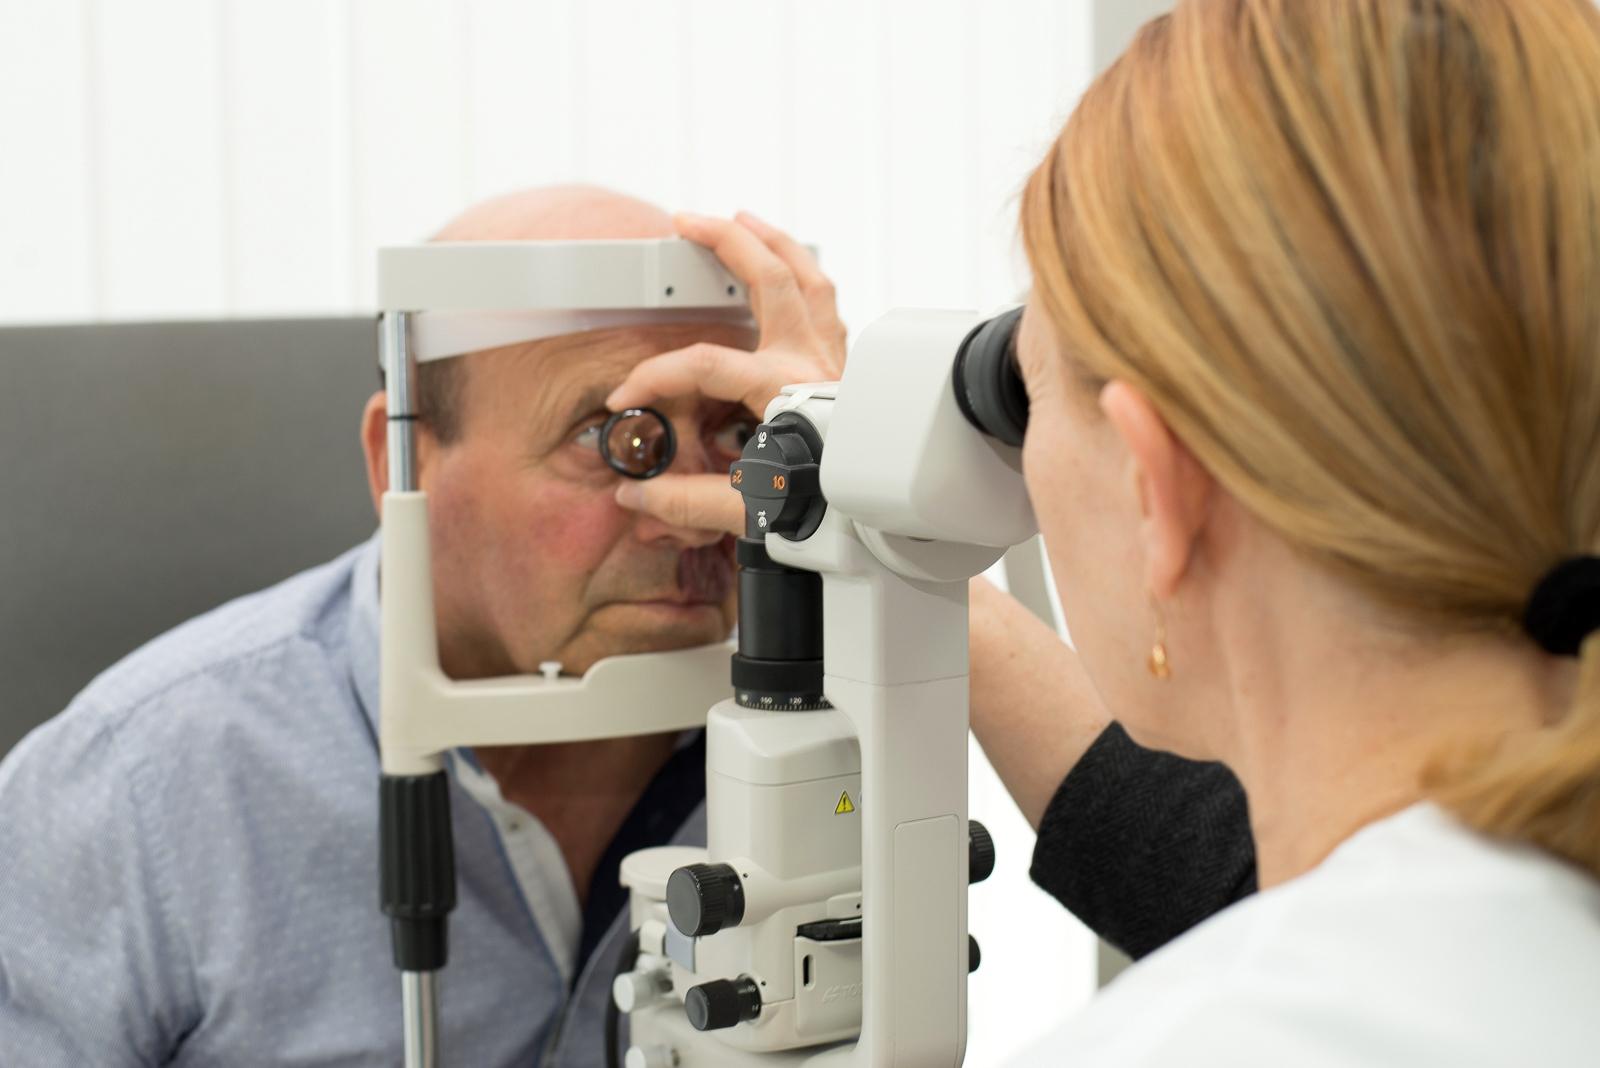 keratita oftalmologie tehnica examinării vederii